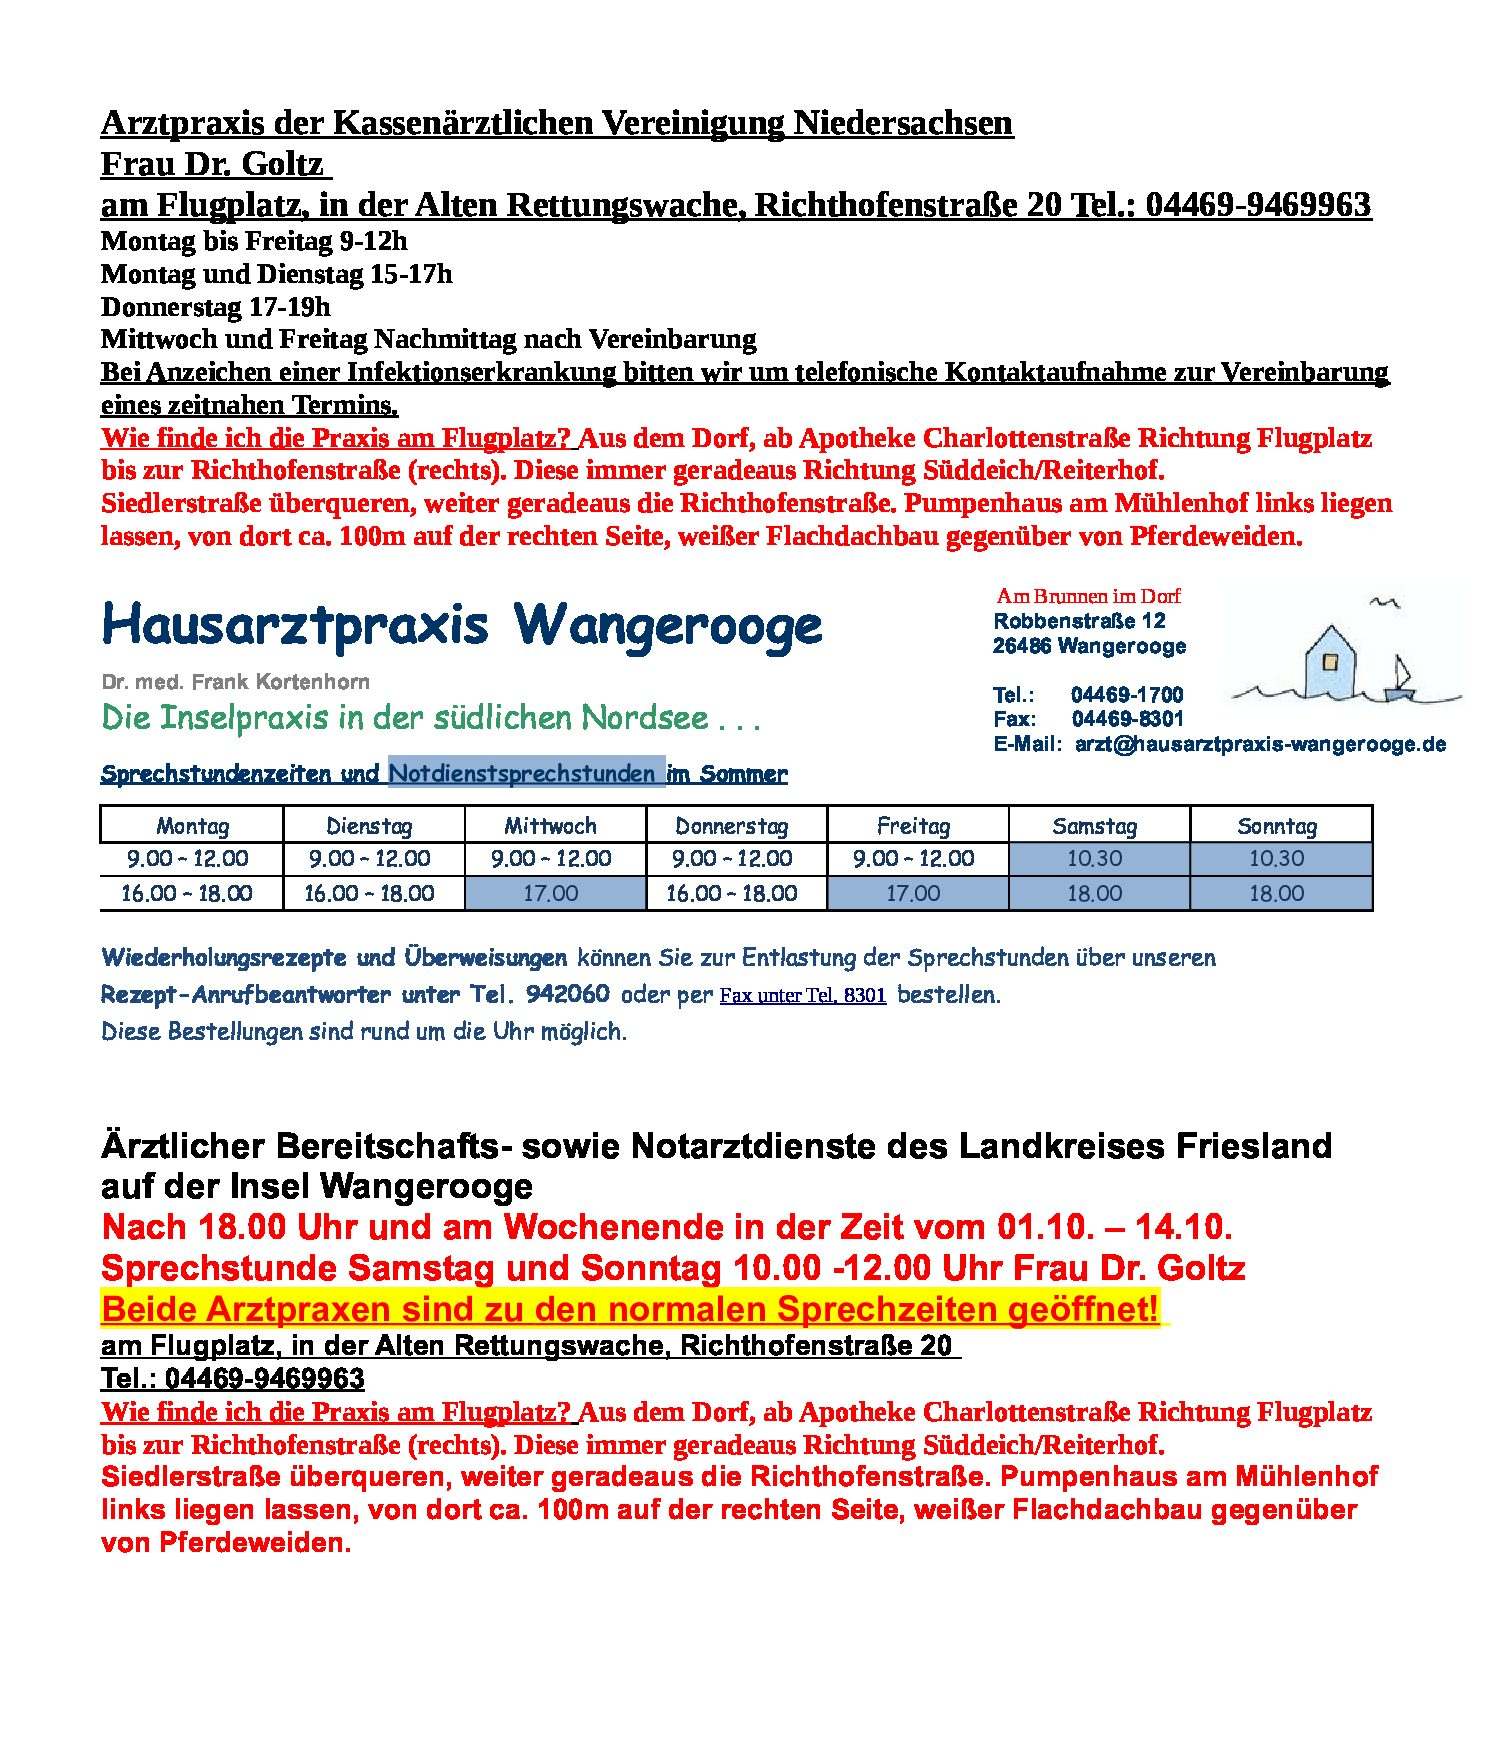 Ärztlicher Bereitschafts- sowie Notarztdienste des Landkreises Friesland auf der Insel Wangerooge  Nach 18.00 Uhr und am Wochenende in der Zeit vom 01.10. – 14.10. Sprechstunde Samstag und Sonntag 10.00 -12.00 Uhr Frau Dr. Goltz Beide Arztpraxen sind zu den normalen Sprechzeiten geöffnet!